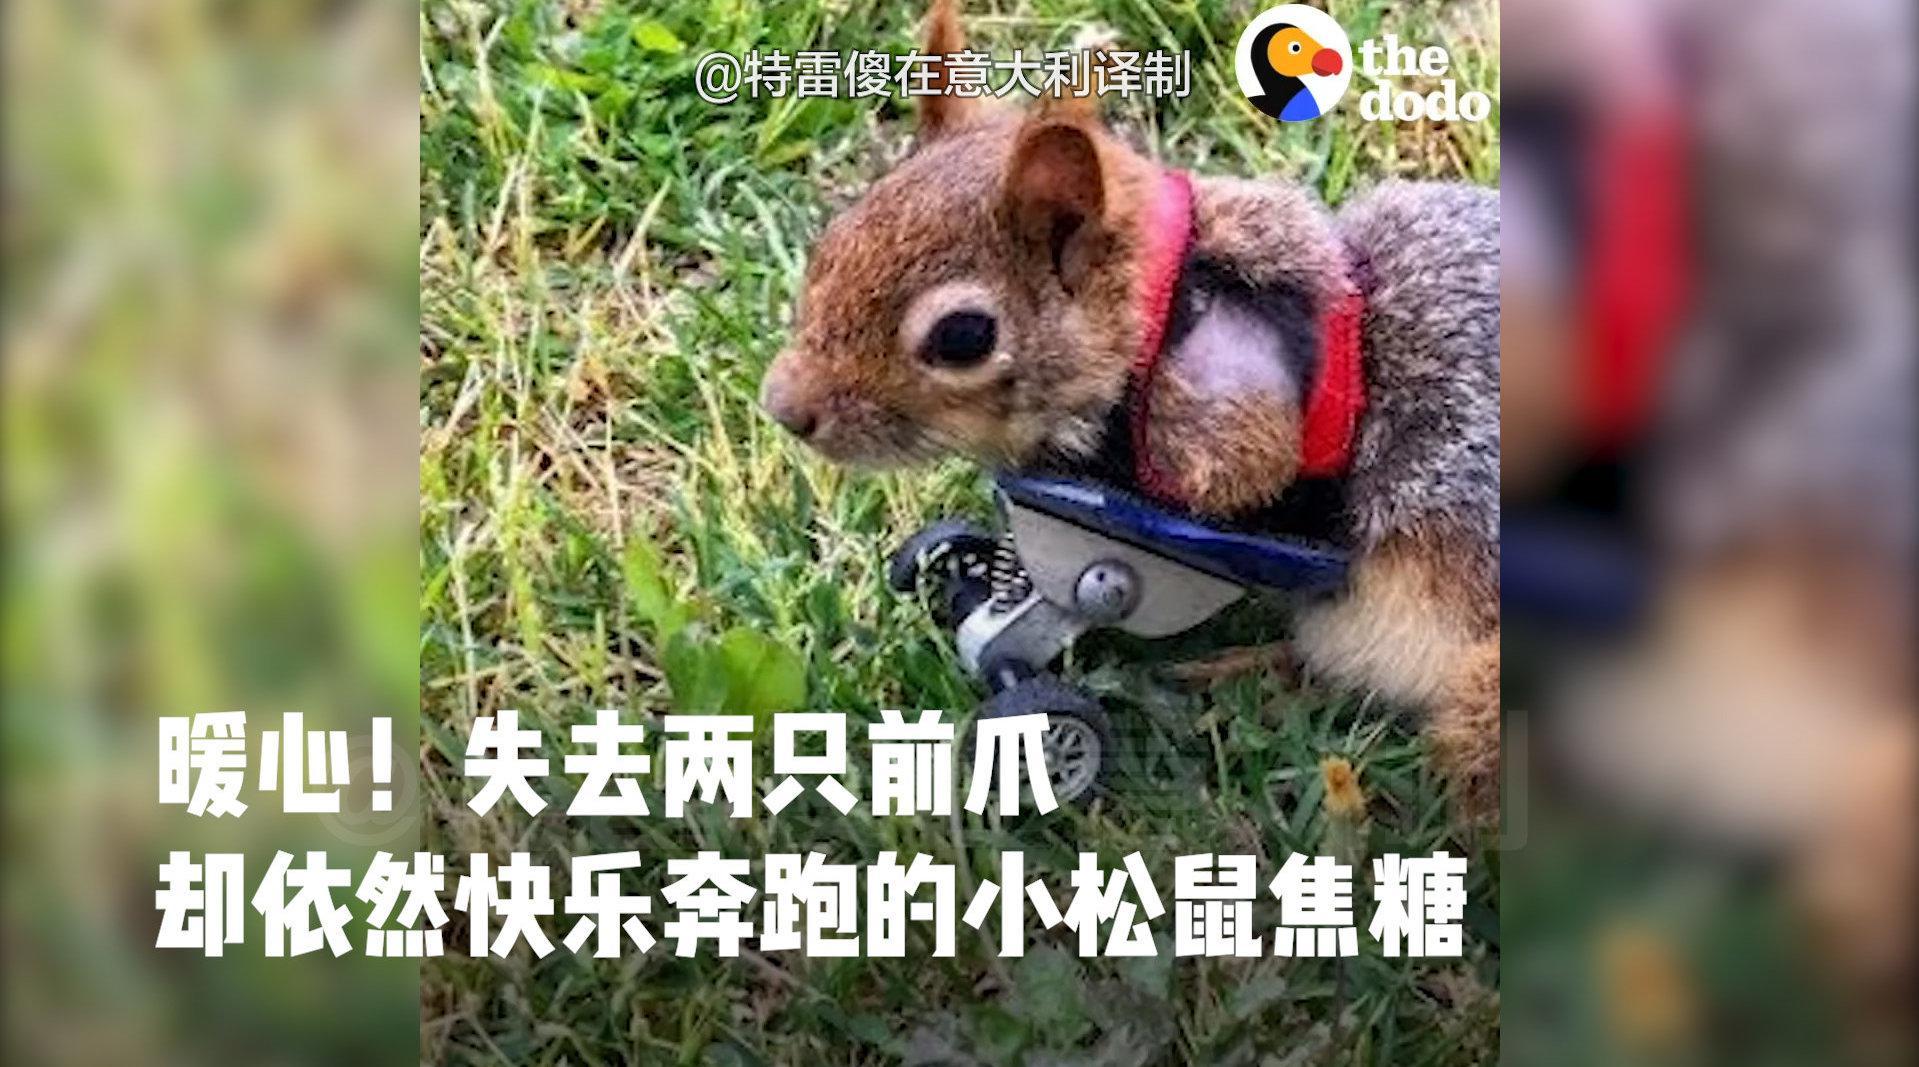 暖心!被建议安乐死失去两只前爪的小松鼠焦糖的故事